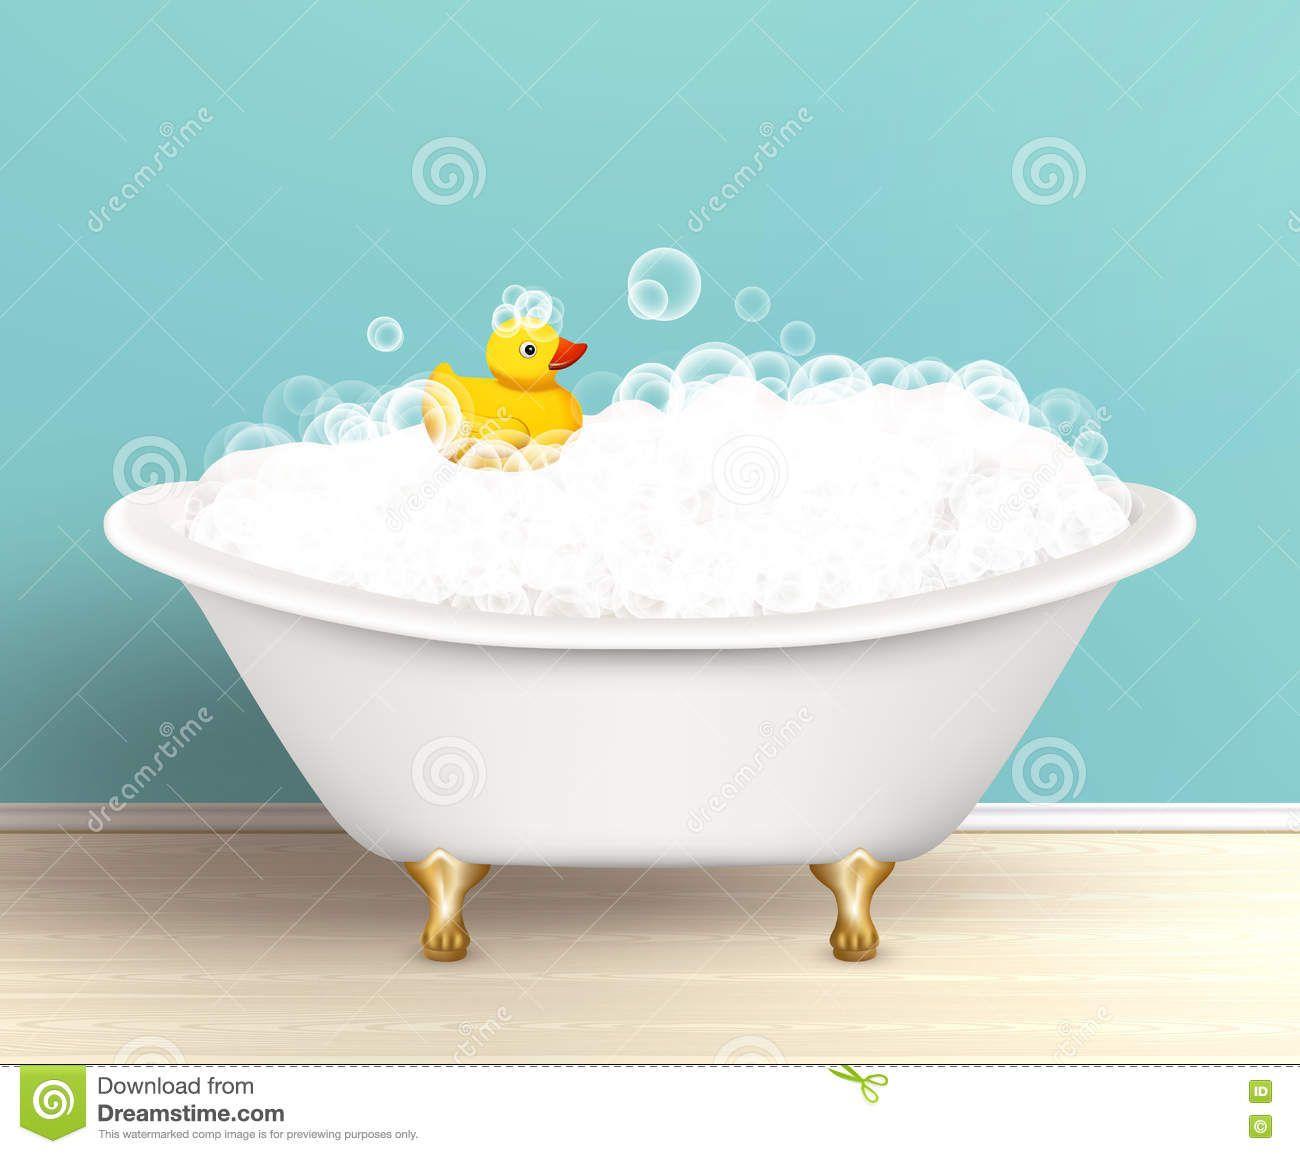 badewanne mit schaum bilder dekoideen bad selber machen pinterest schaum badewannen und. Black Bedroom Furniture Sets. Home Design Ideas